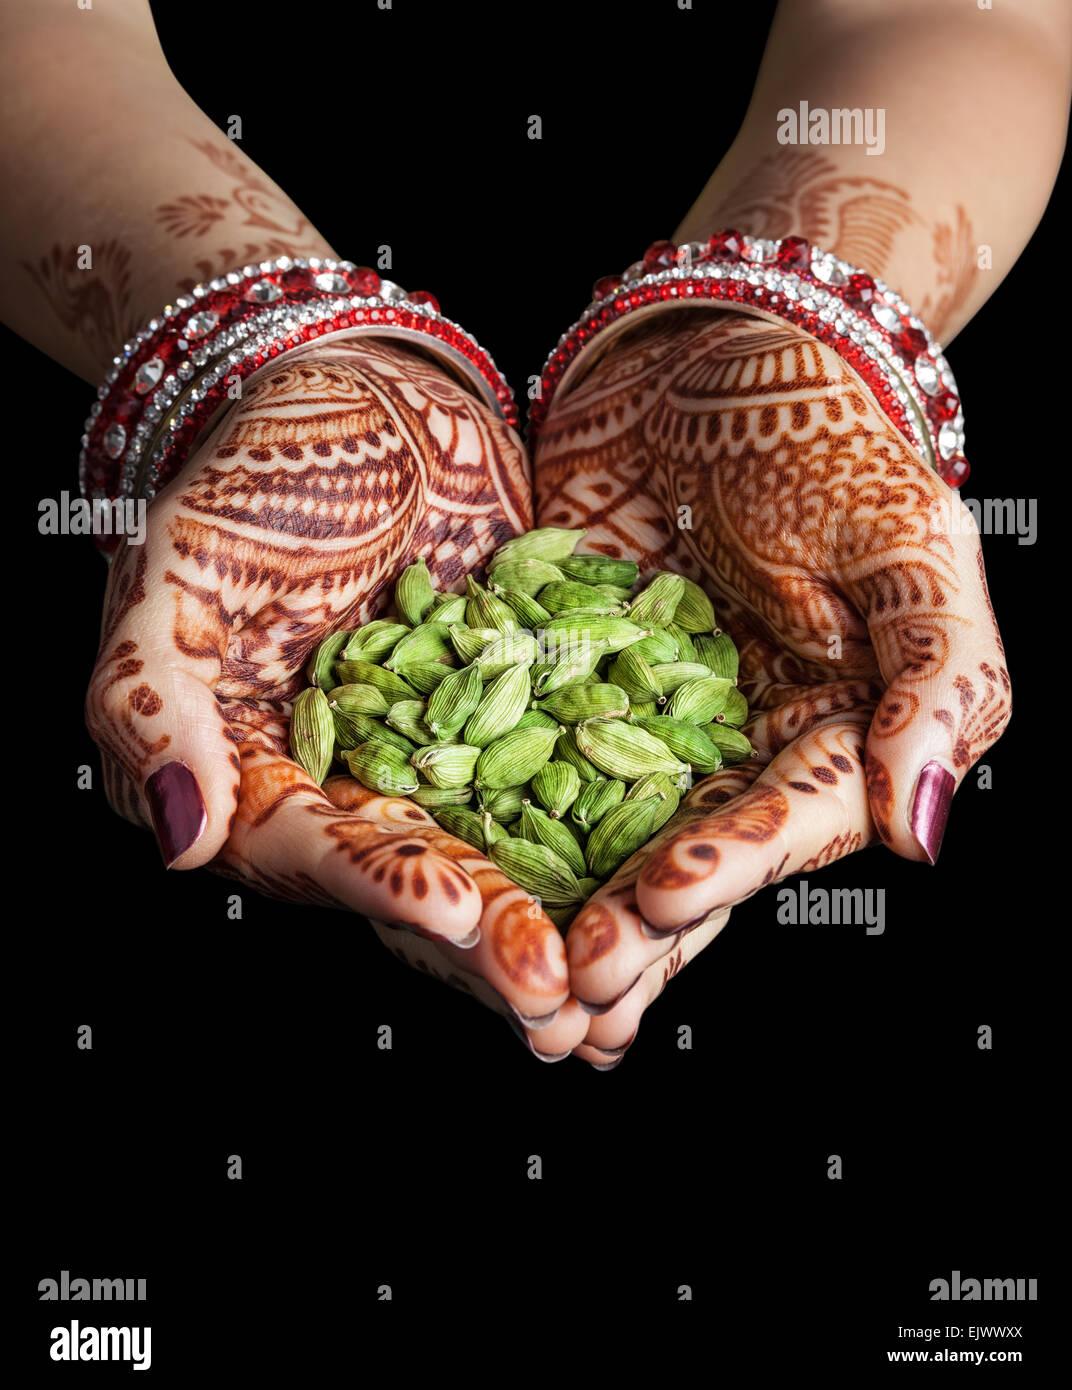 Frau die Hände mit Henna hält grüner Kardamom-Gewürze isoliert auf schwarzem Hintergrund mit Stockbild